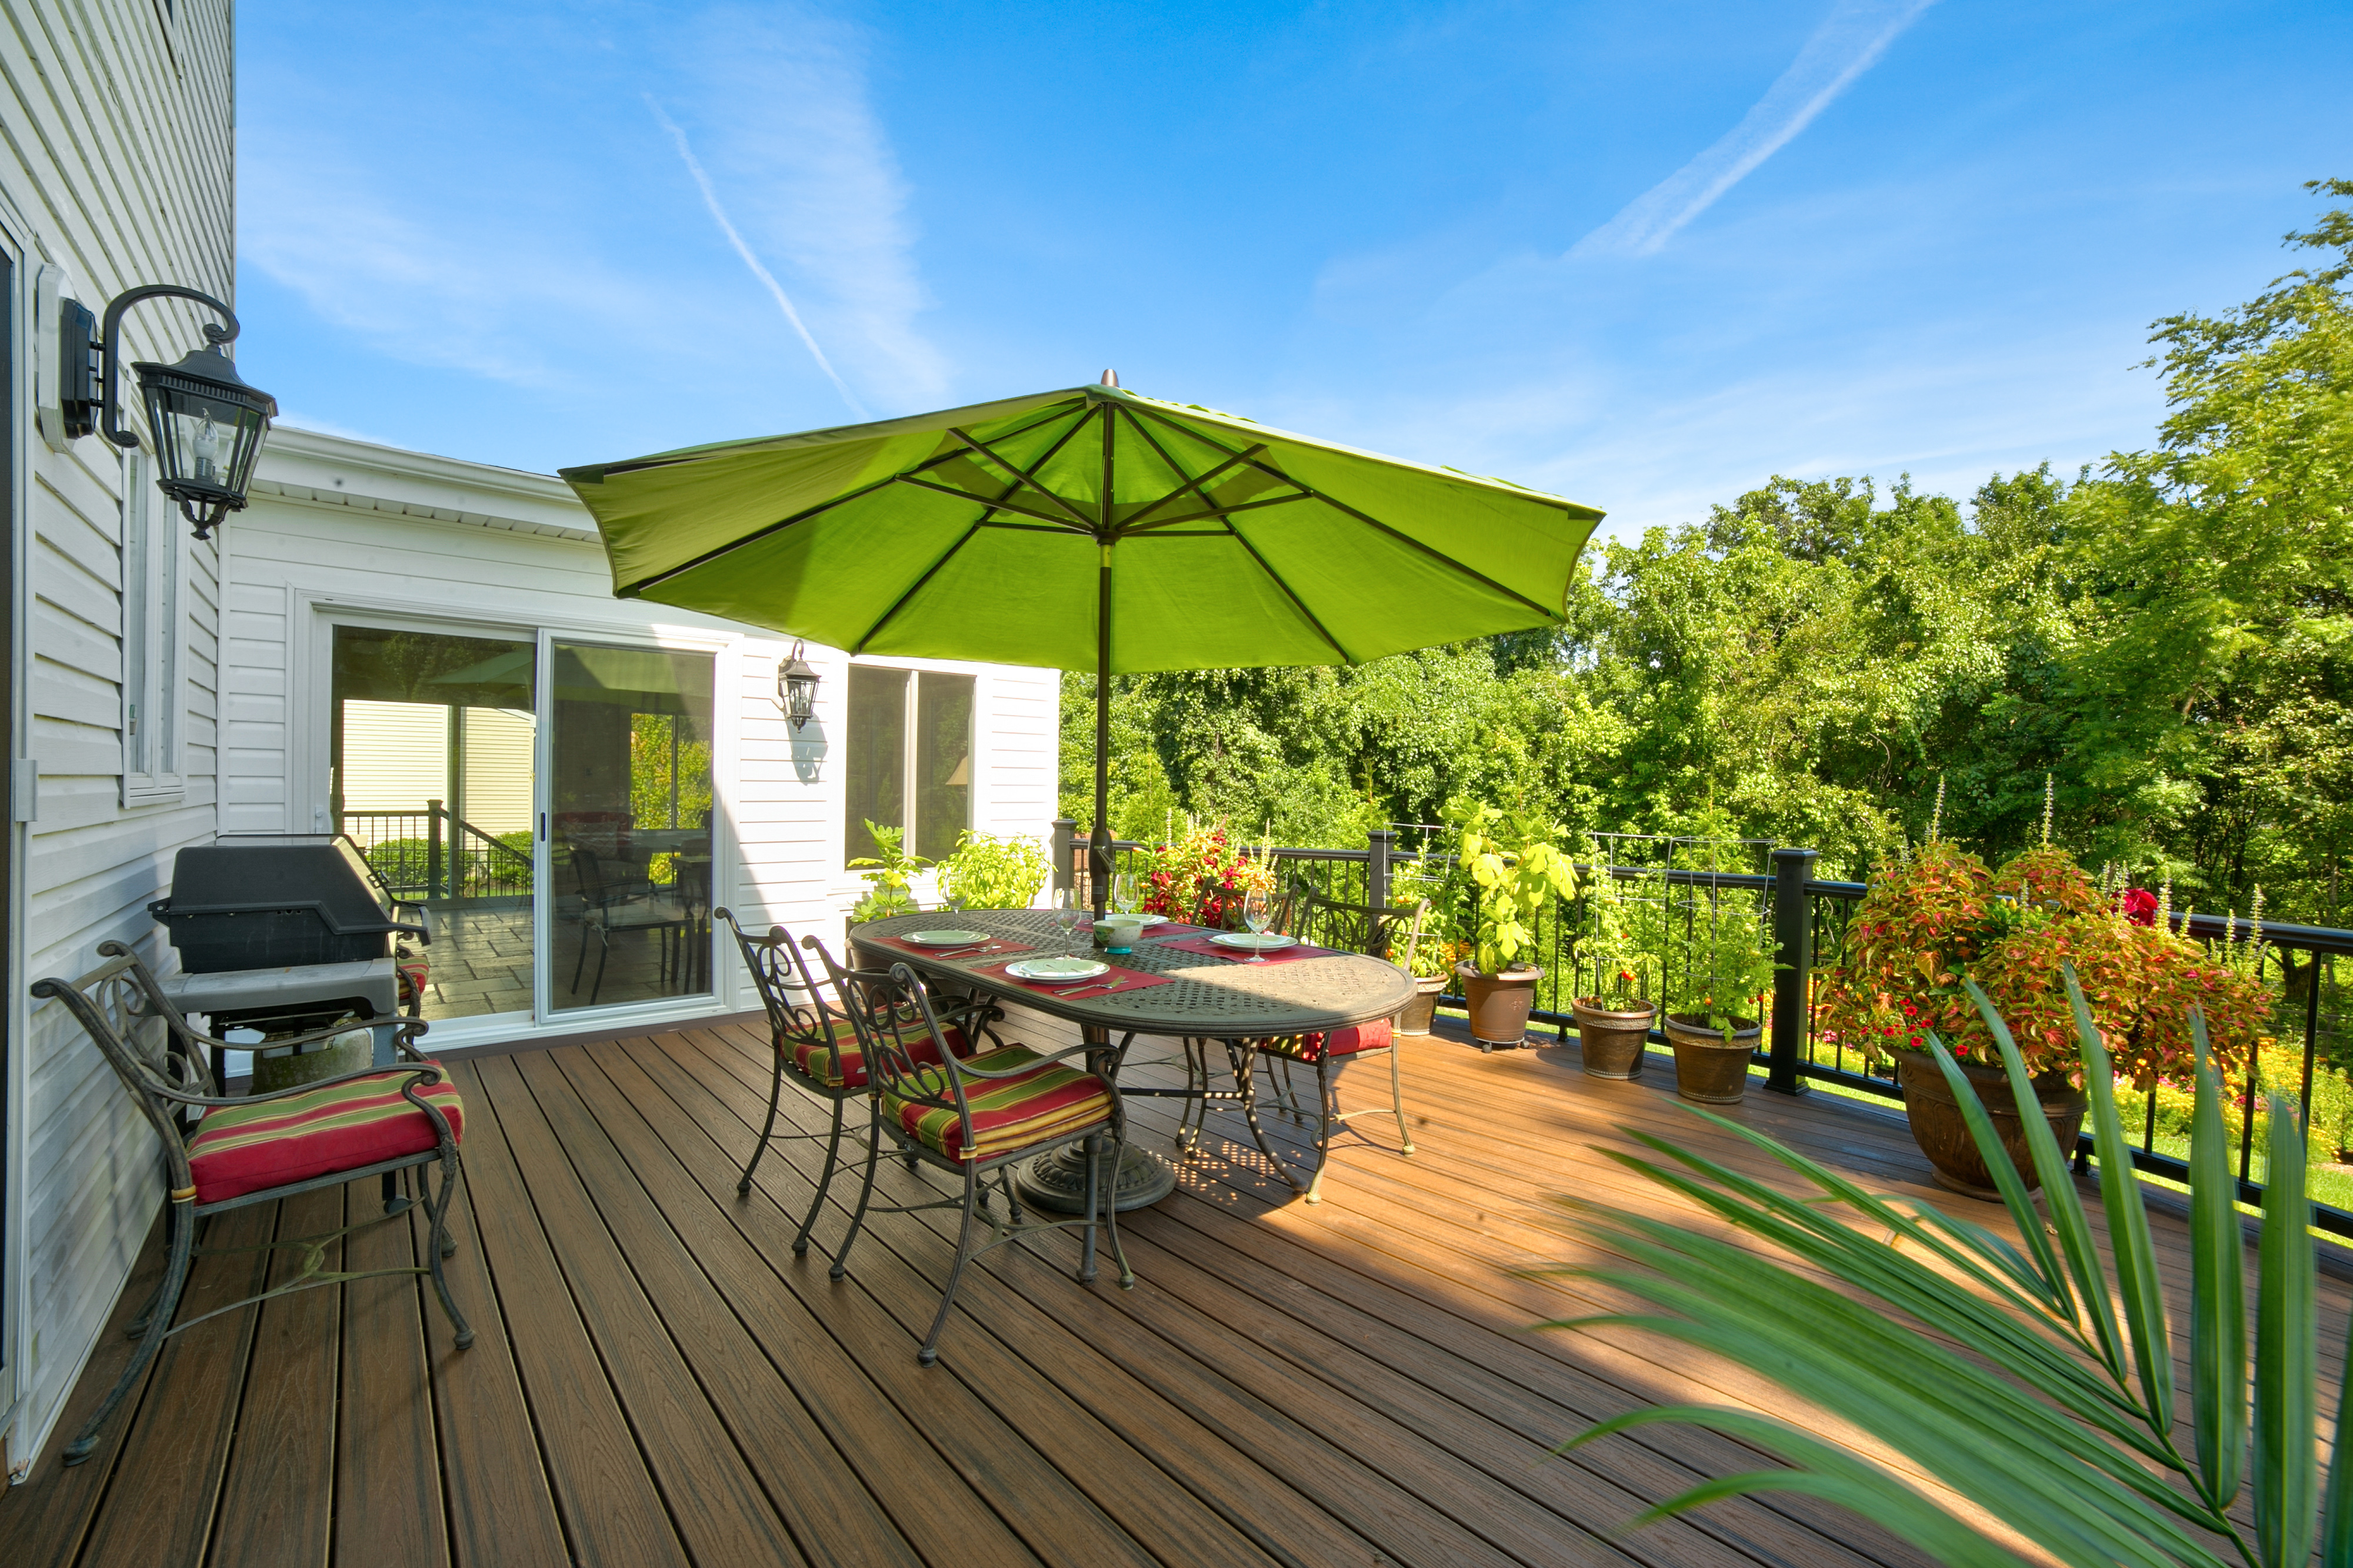 bridgewater nj 2016 amazing deck